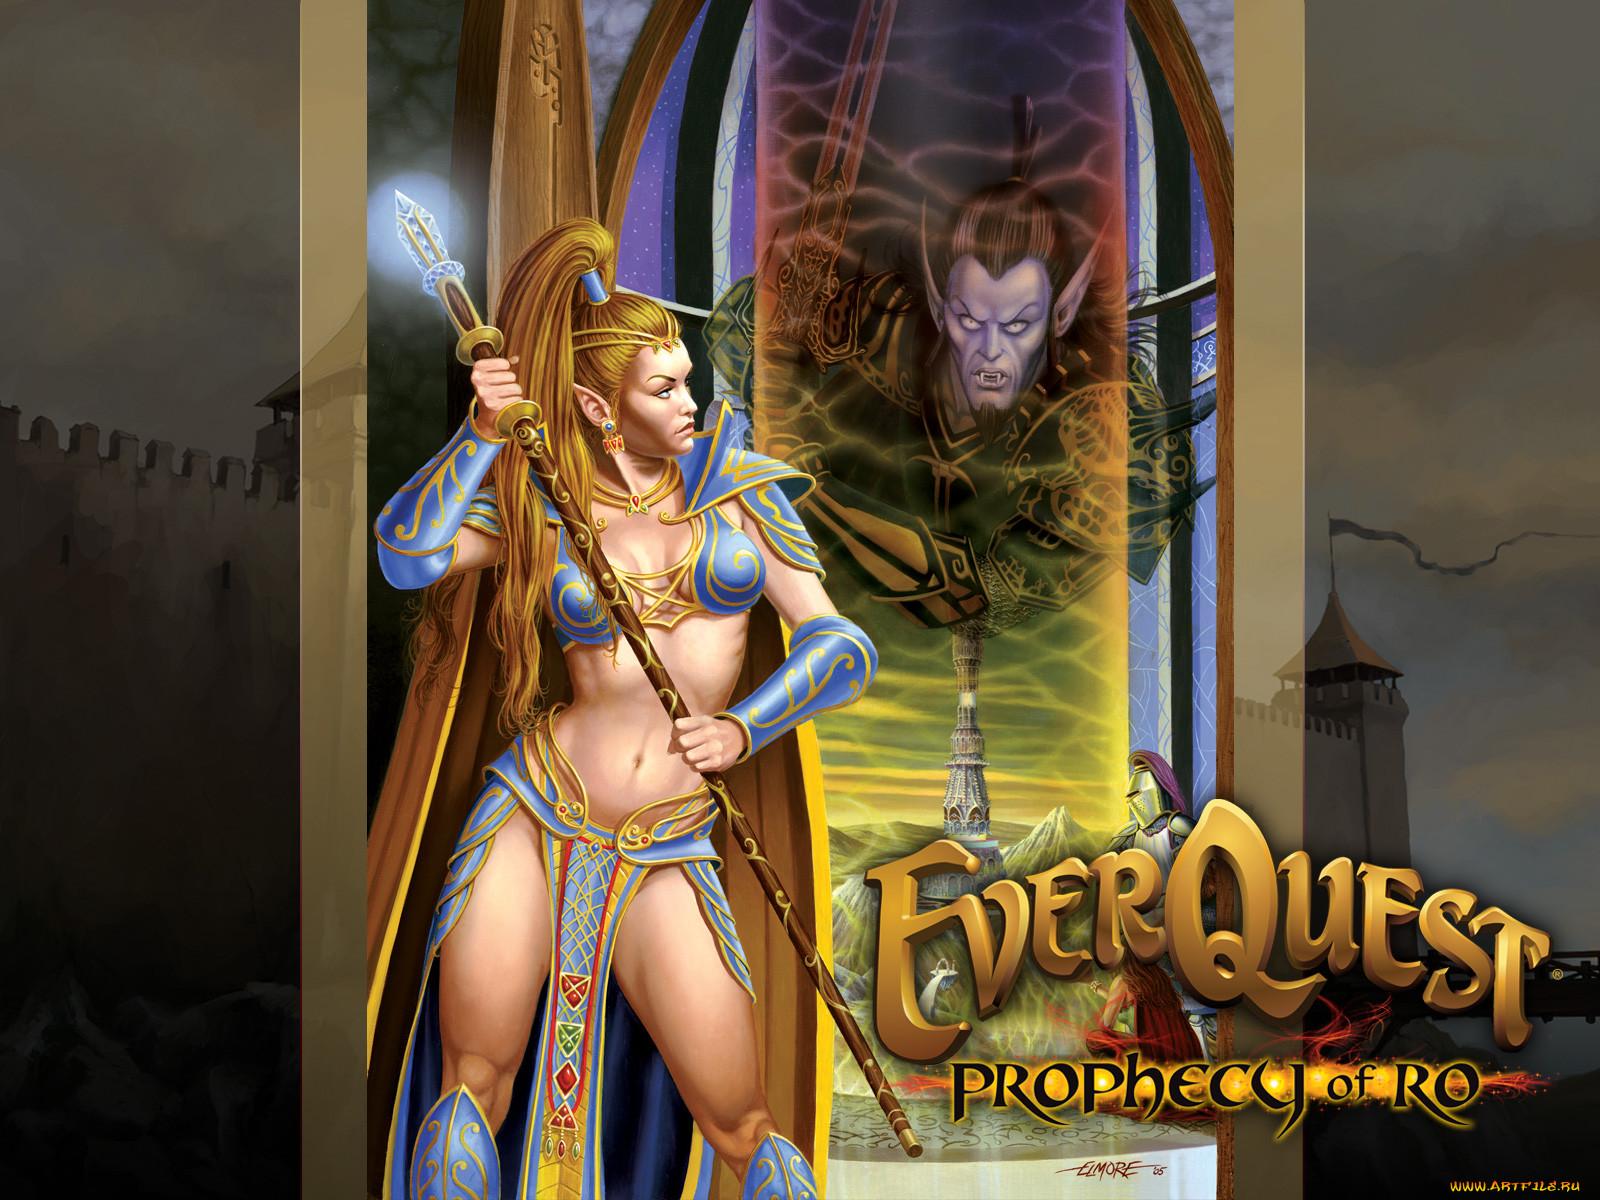 Everquest naked bug screenshot xxx slut